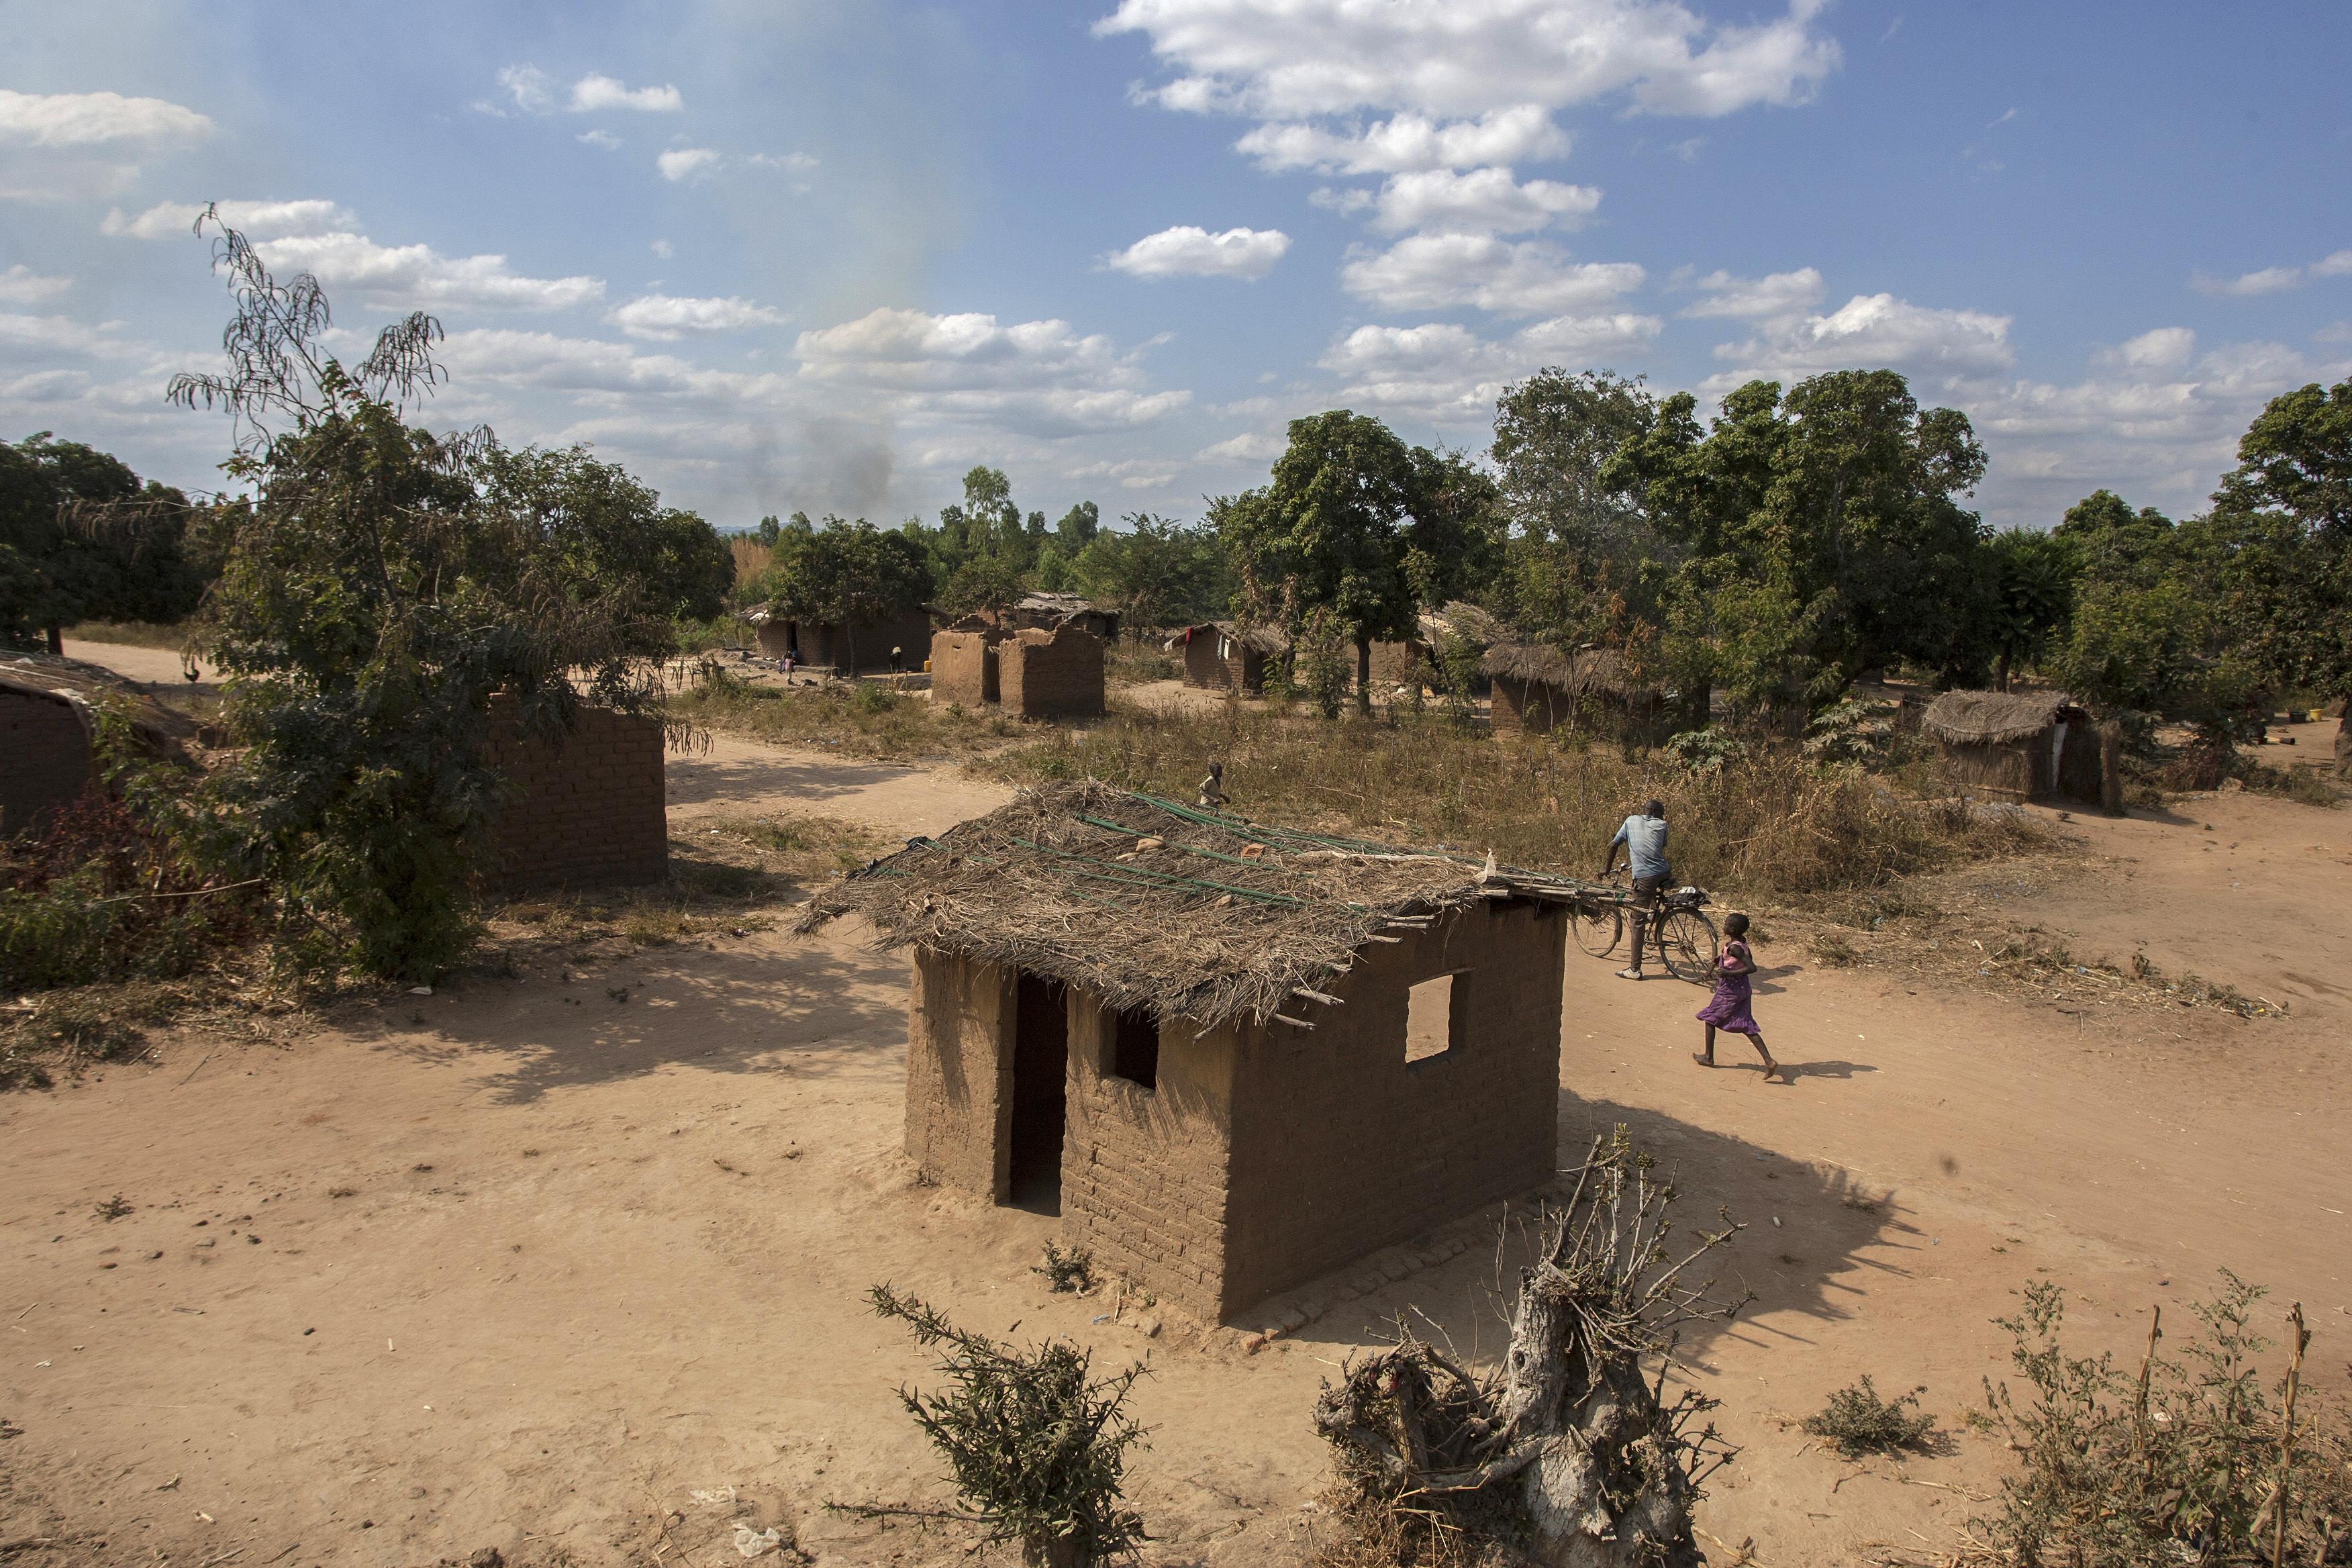 A vámpírhisztéria miatt újabb két embert lincseltek meg Malawiban